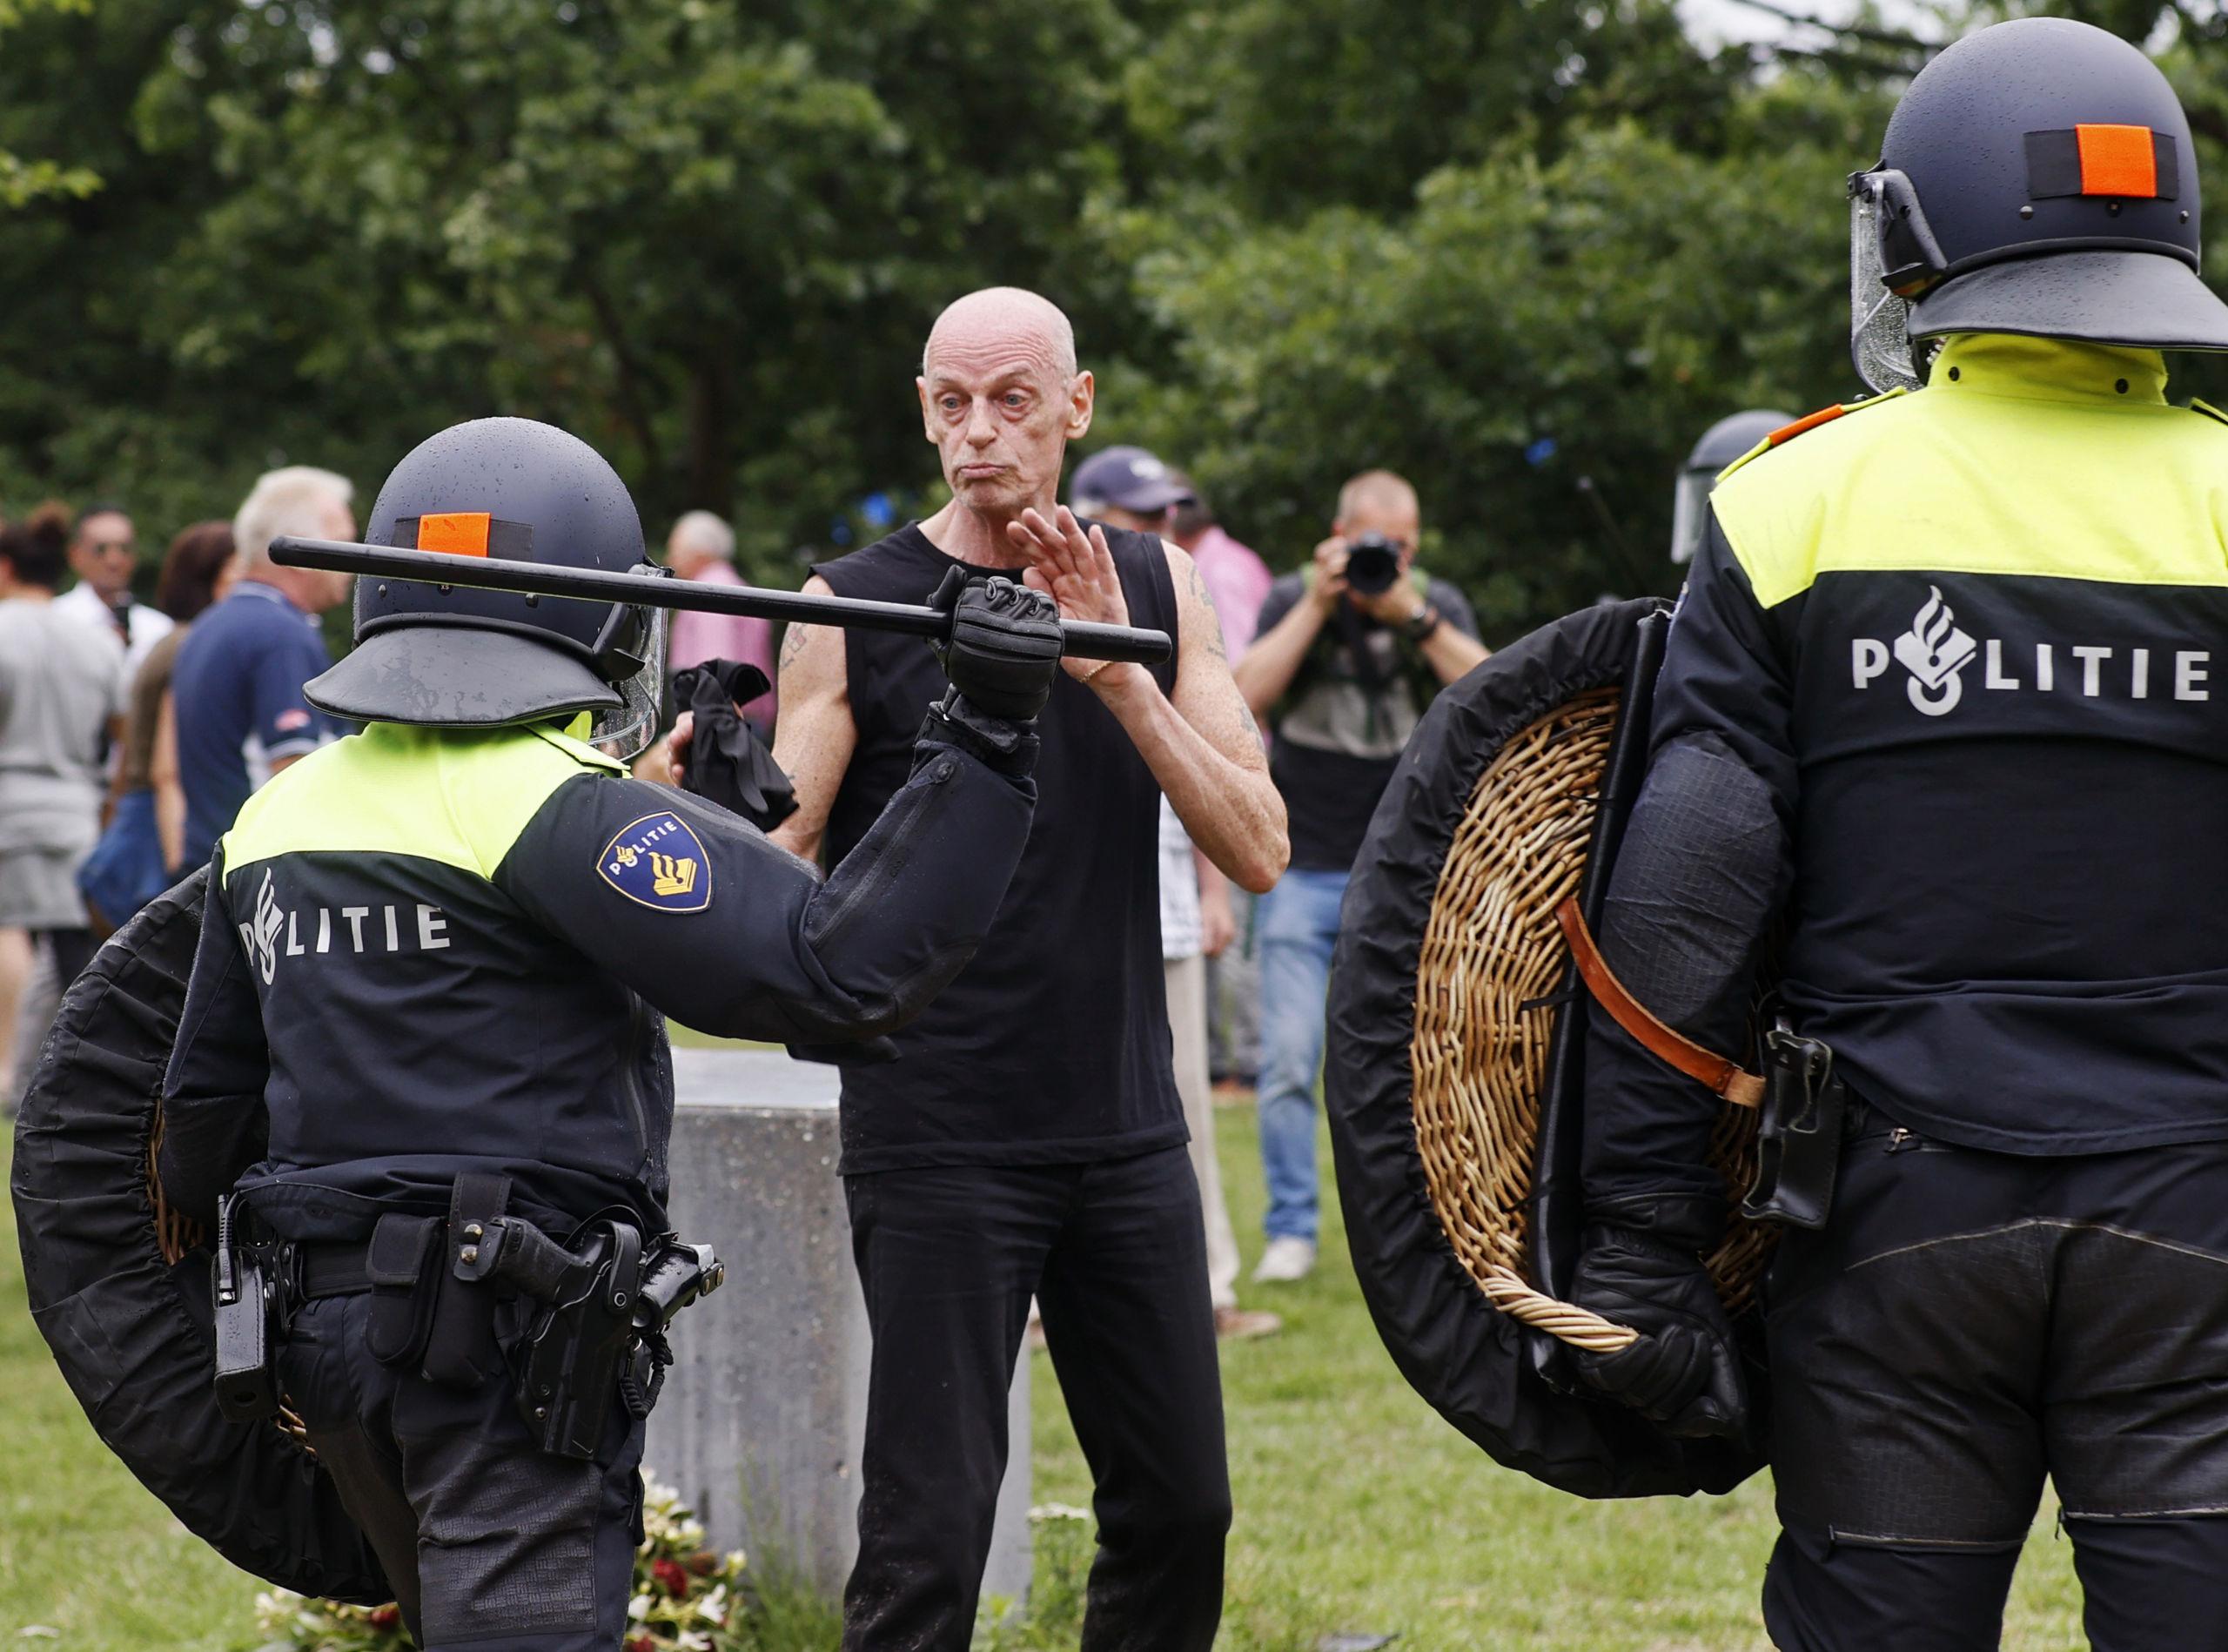 ongeveer 400 demonstranten aangehouden